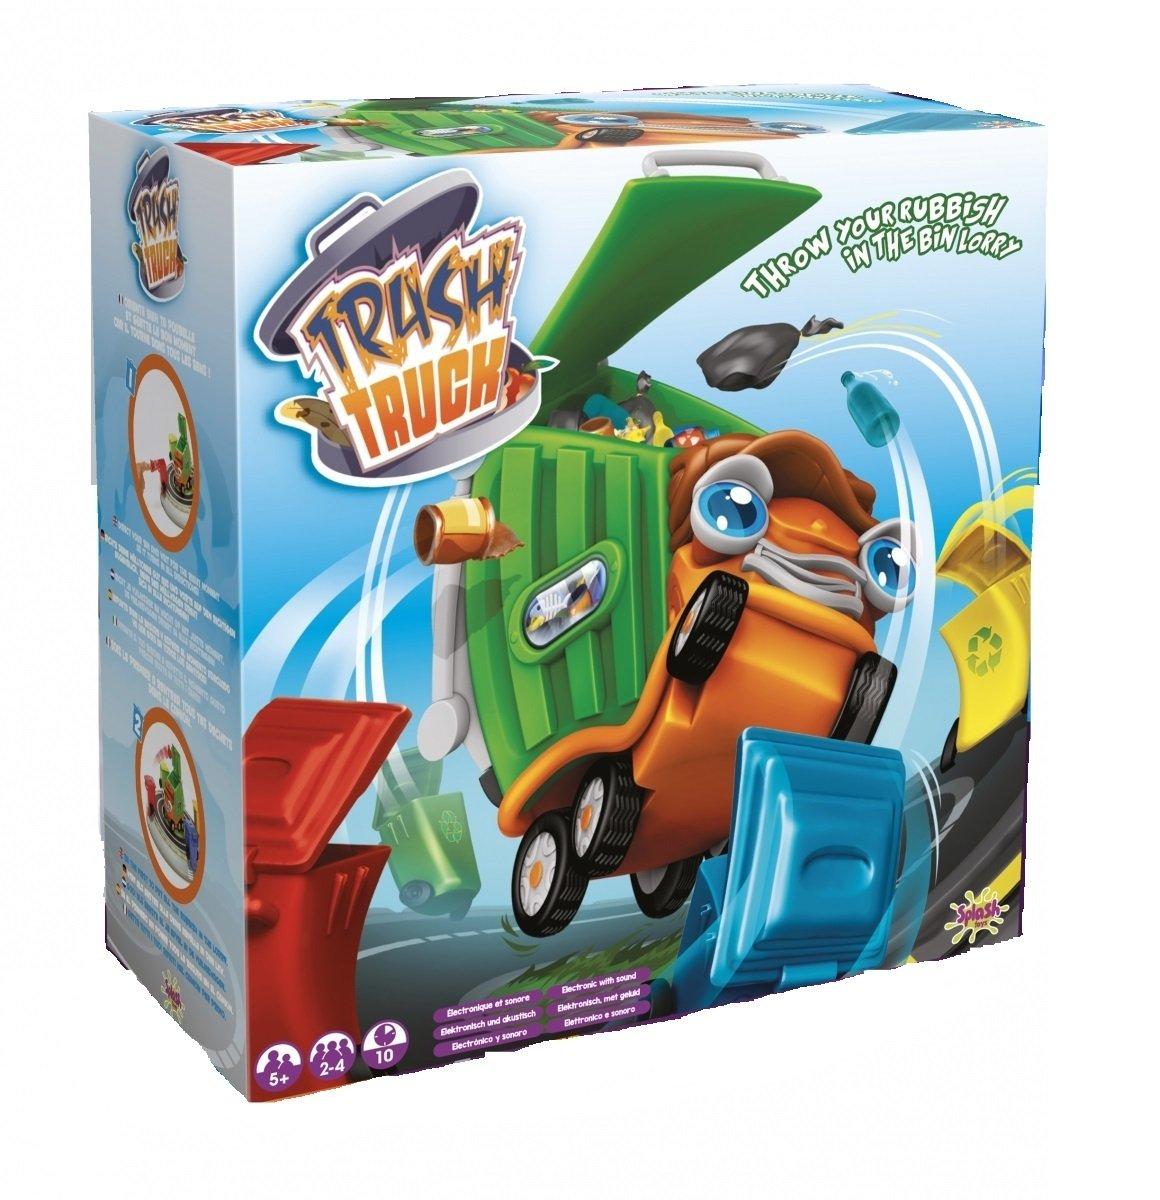 Электронная игра Splash Toys Мусоровоз фото 1